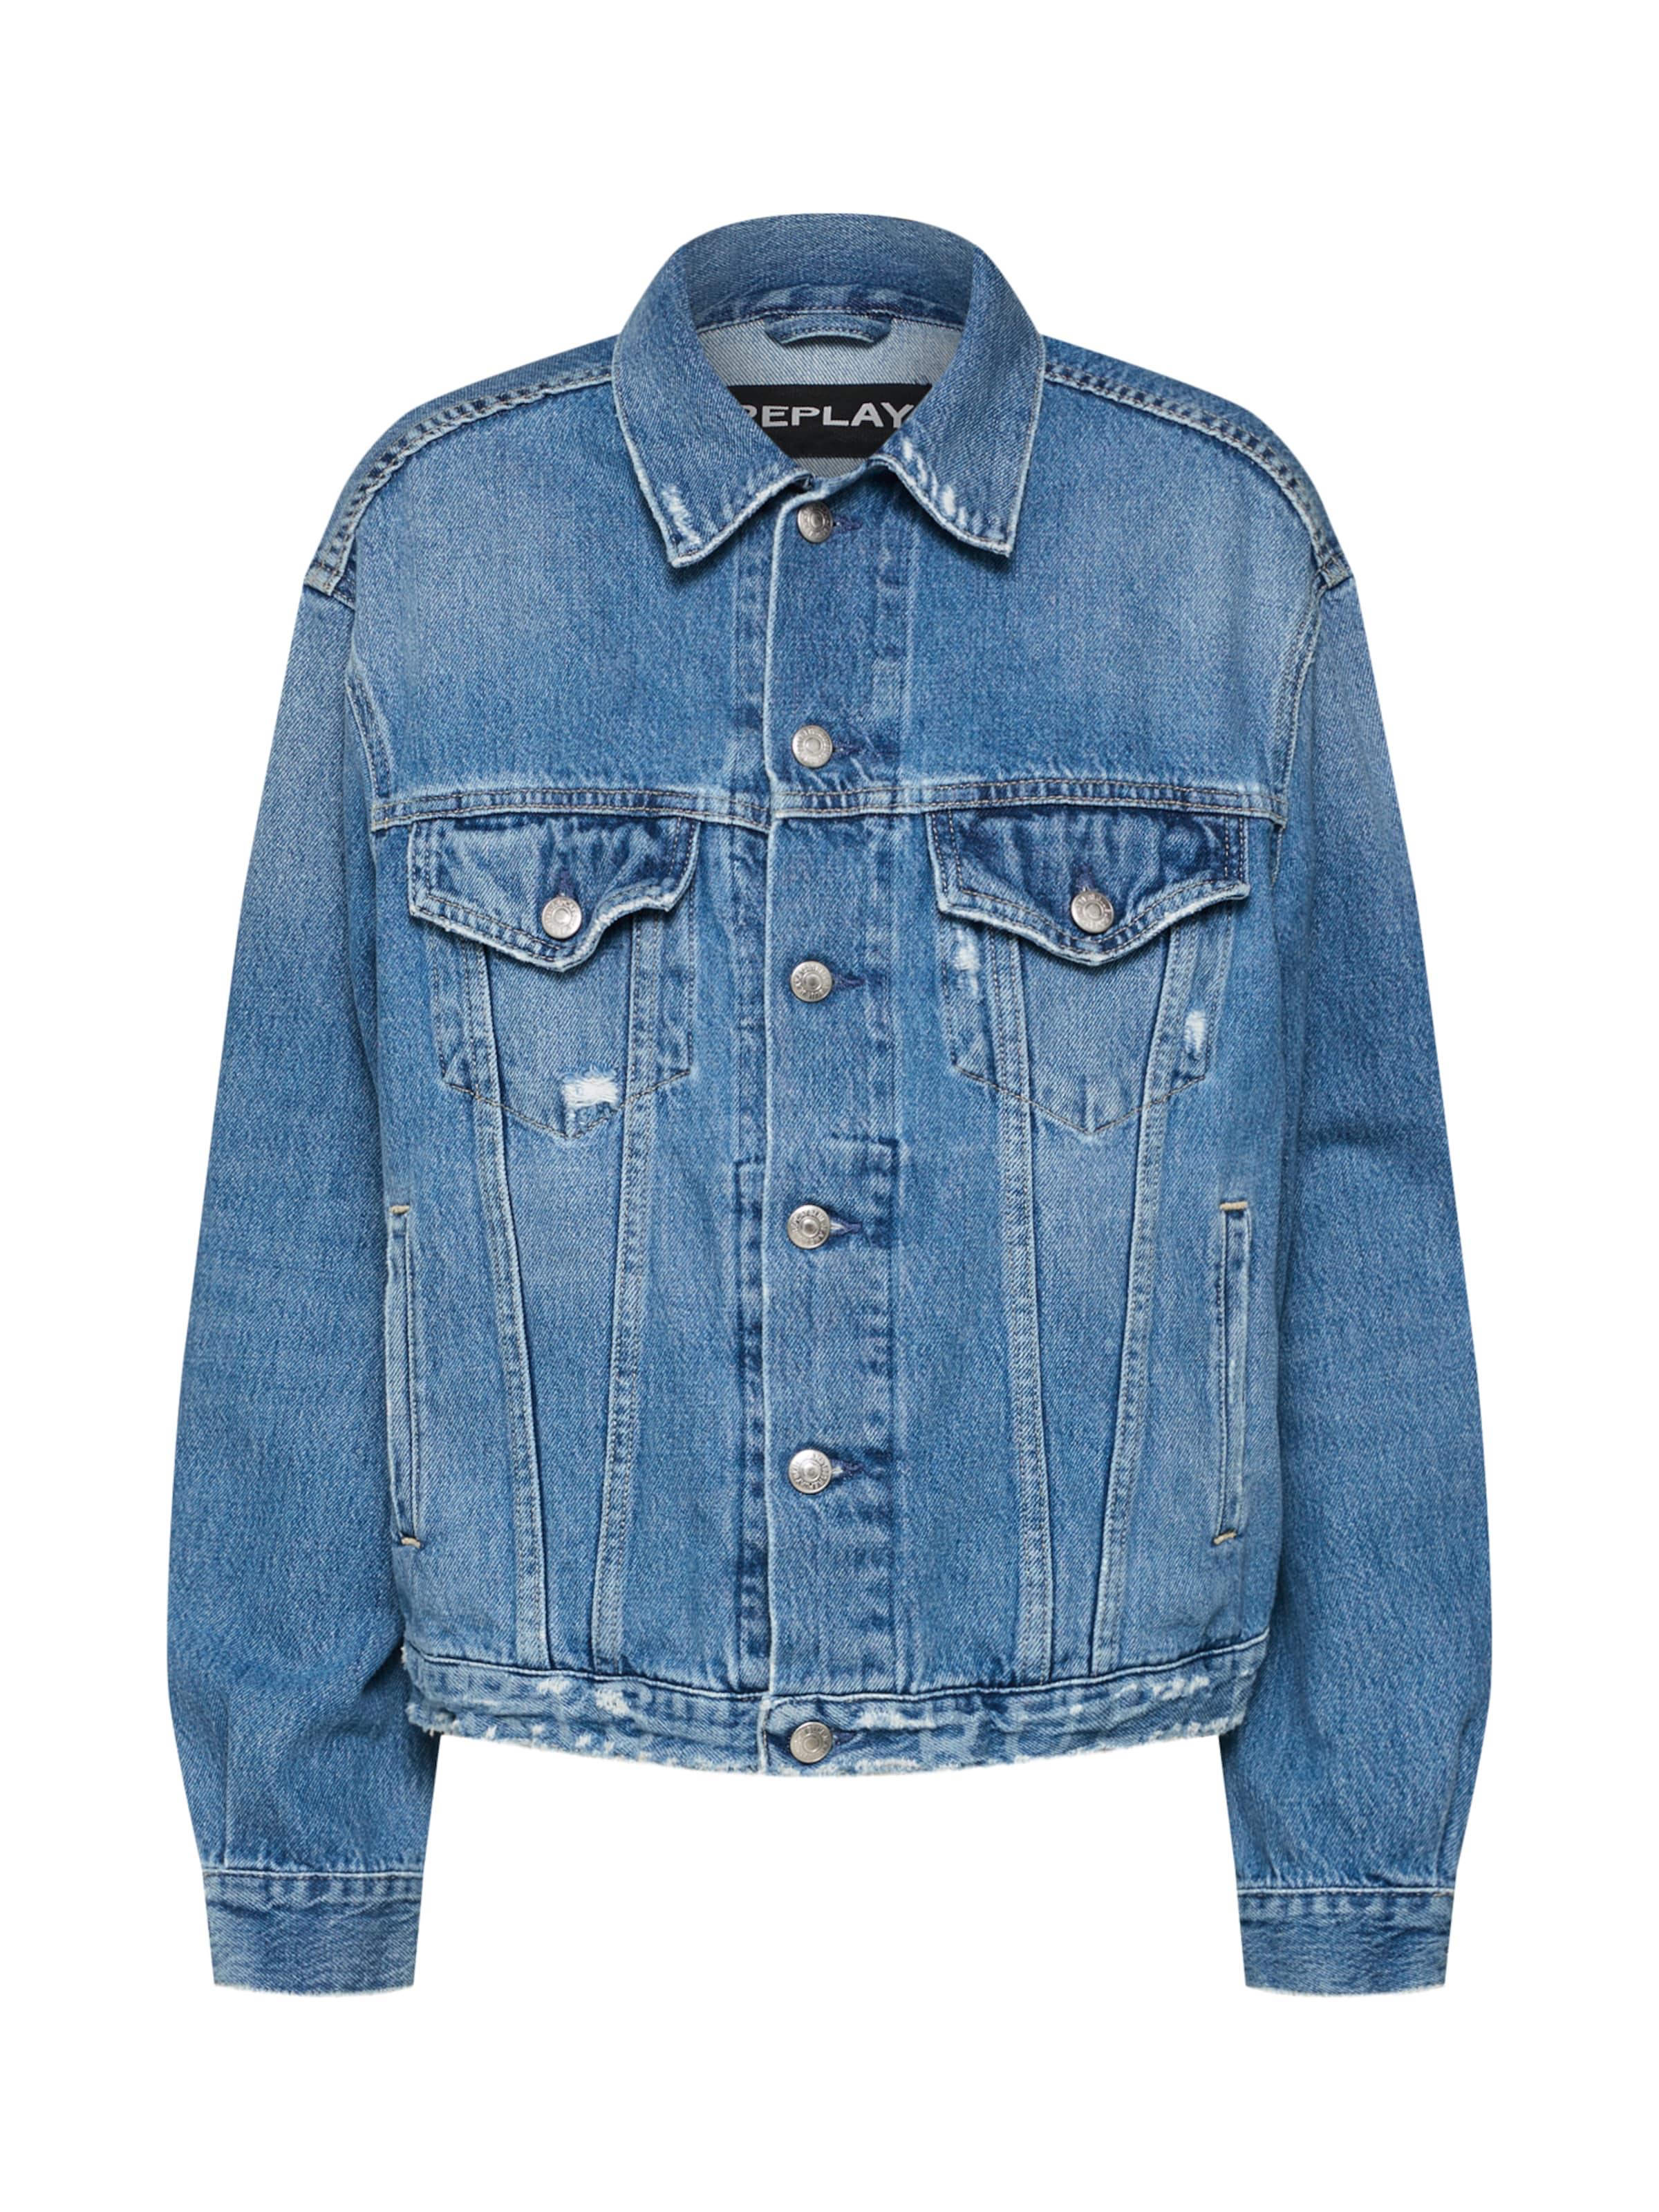 Replay Jeansjacke Blue Jeansjacke Blue Denim Blue Replay In Replay Jeansjacke In In Denim k0OX8NPnw